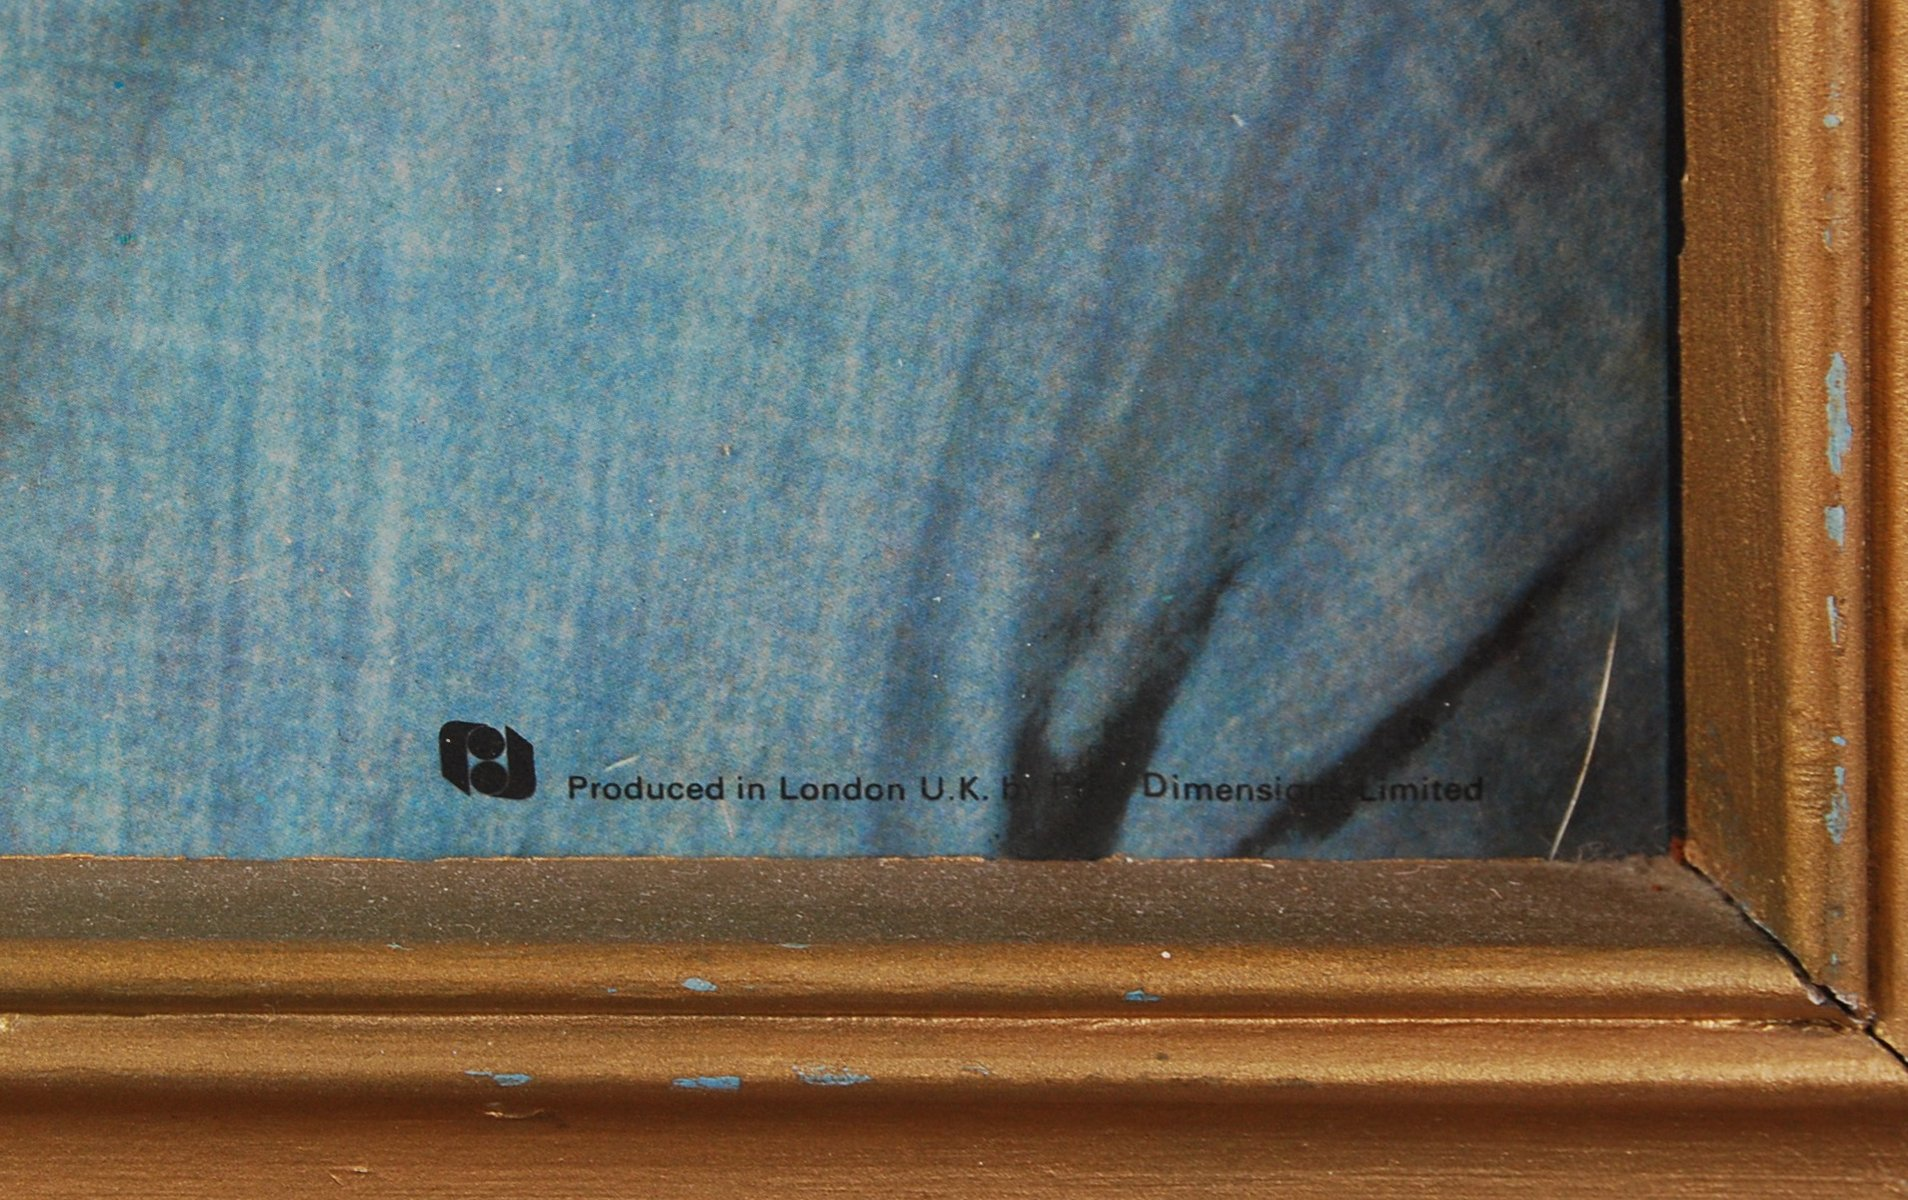 Lot 47 - VINTAGE ELVIS PRESLEY 3D WALL PORTRAIT PRINT FRAMED